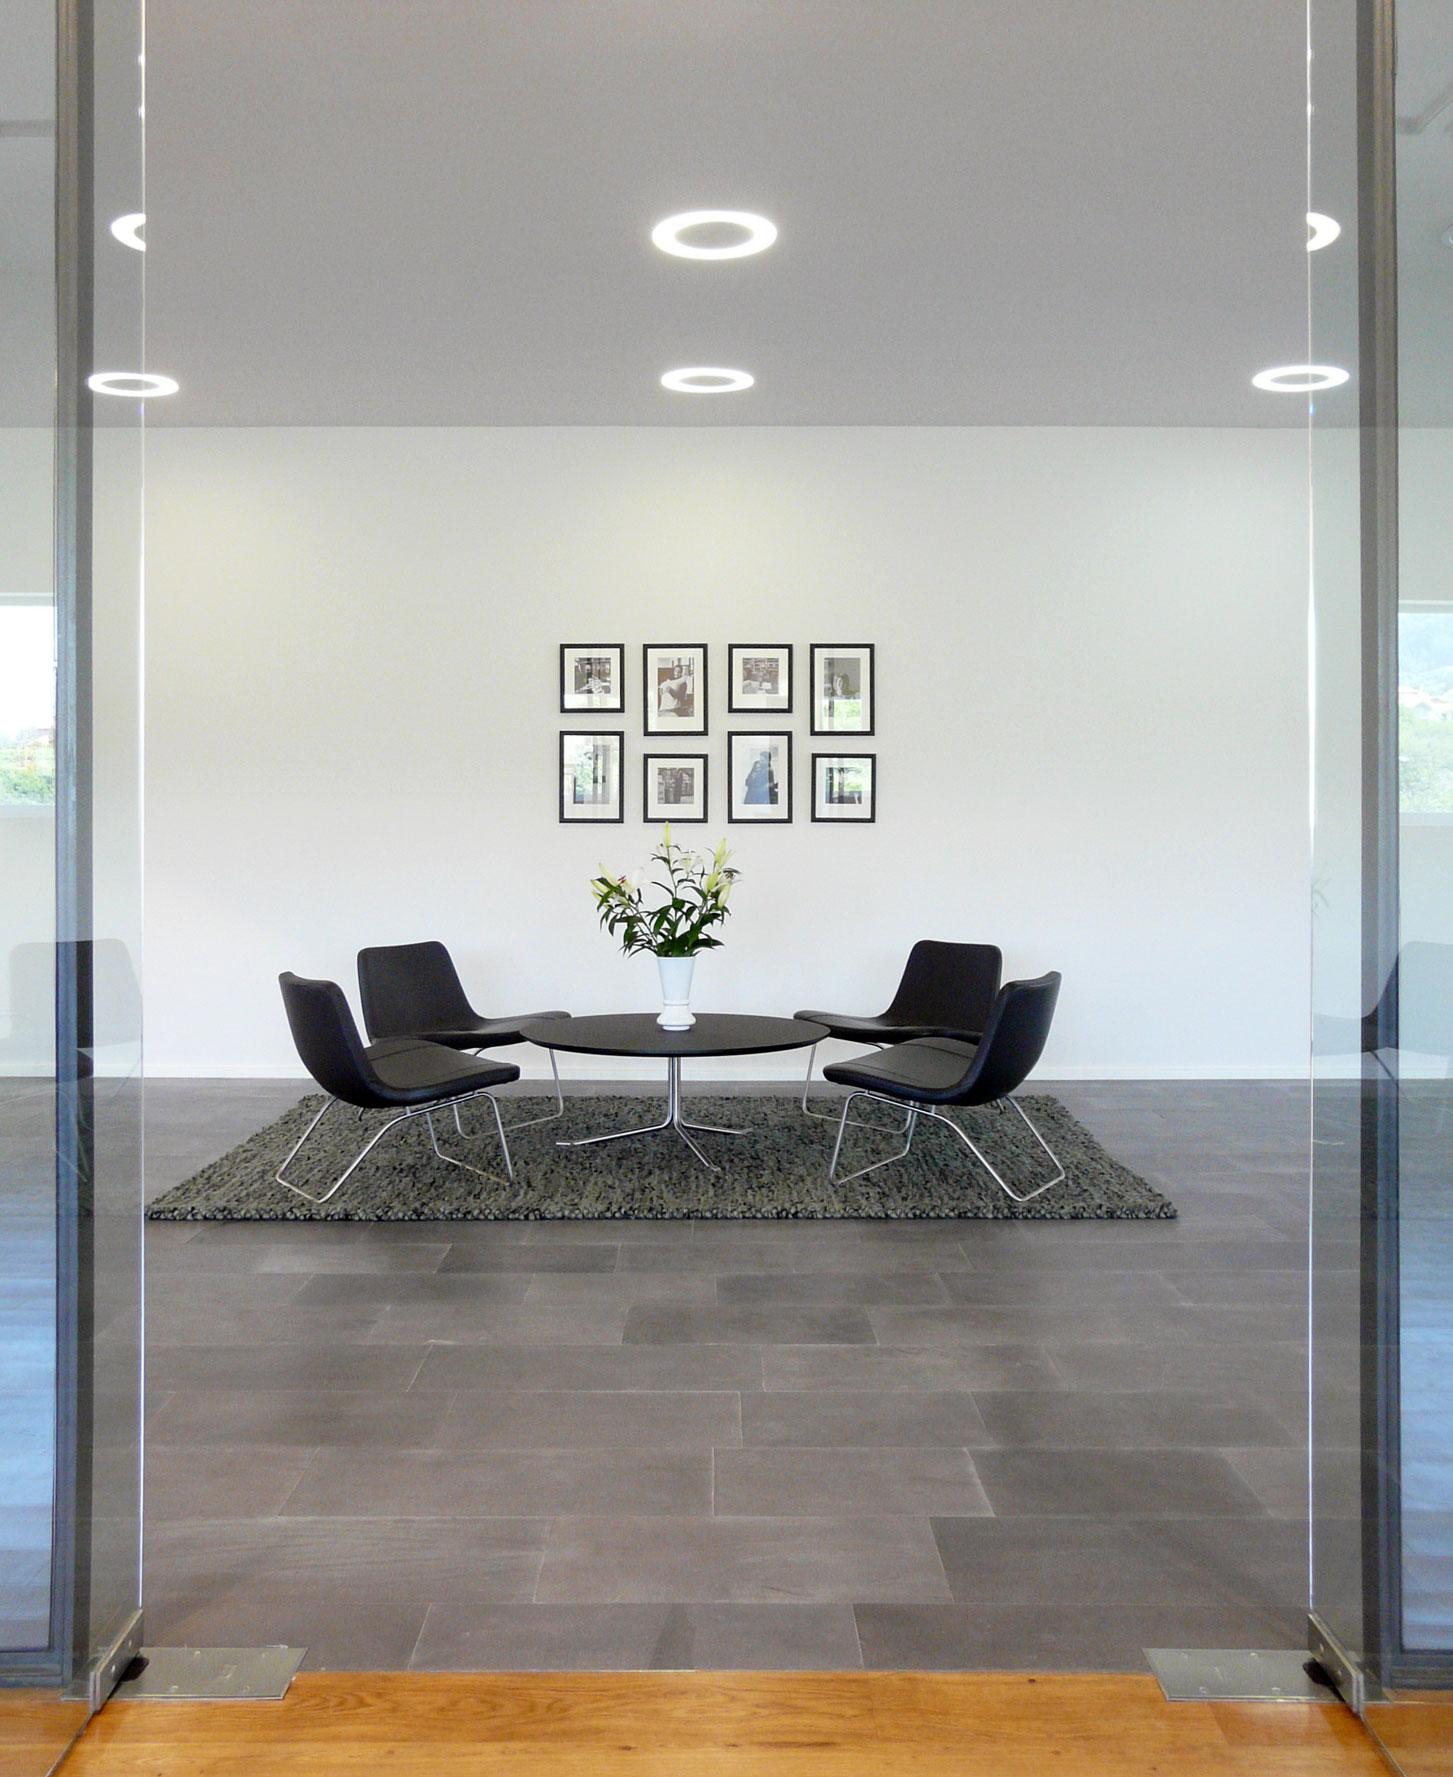 Sala del showroom de Bestseller Vigo diseñado por MEHR studio